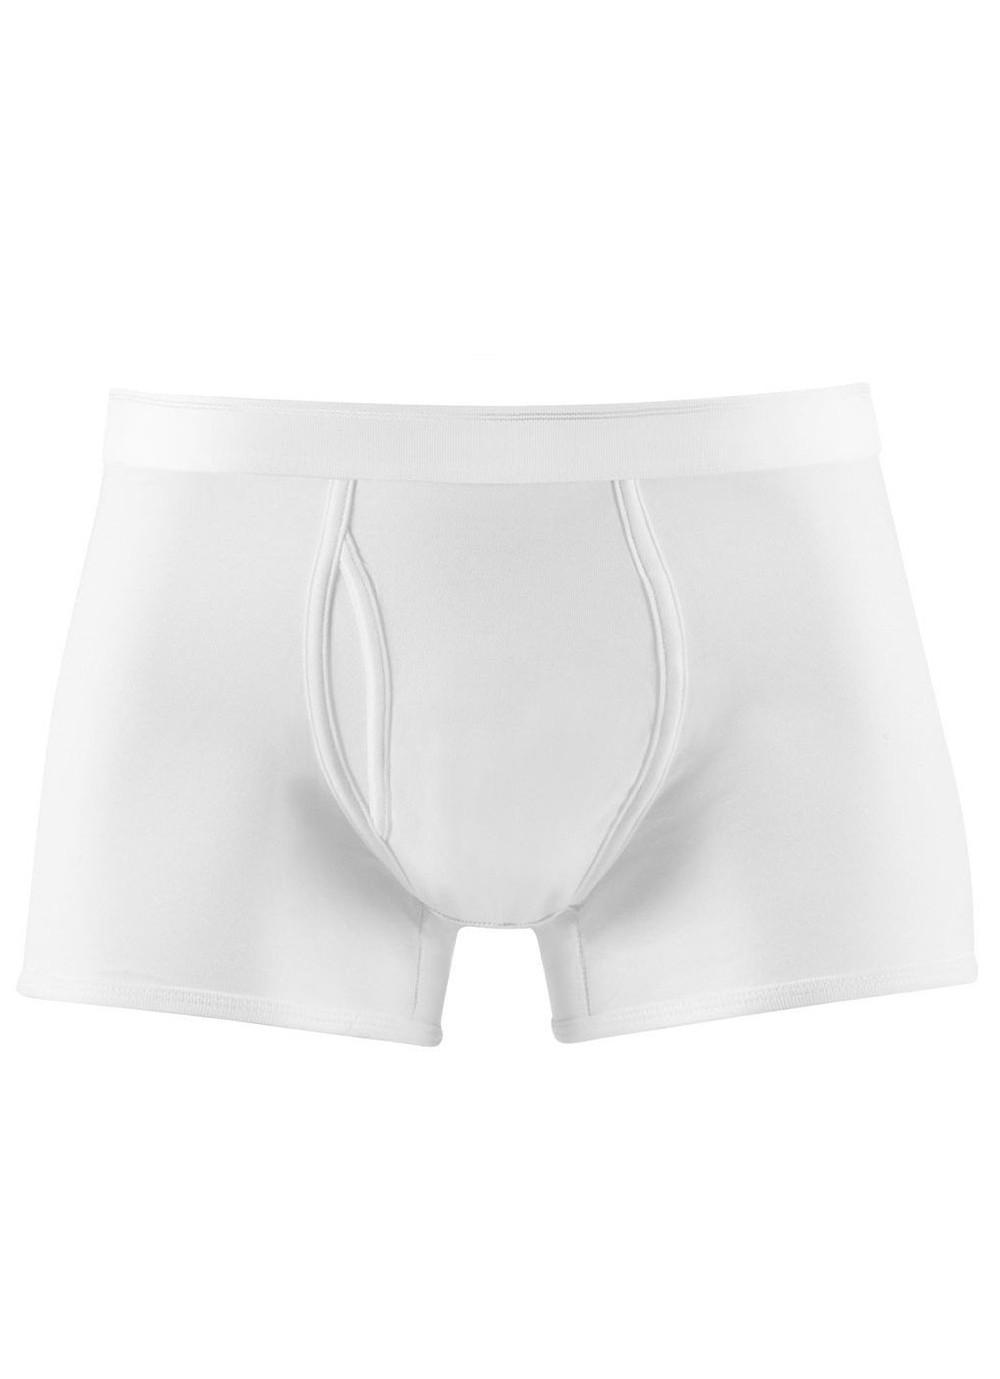 5621c7f98d7b Lyst - Sunspel Men's Superfine Cotton Trunks In White in White for ...